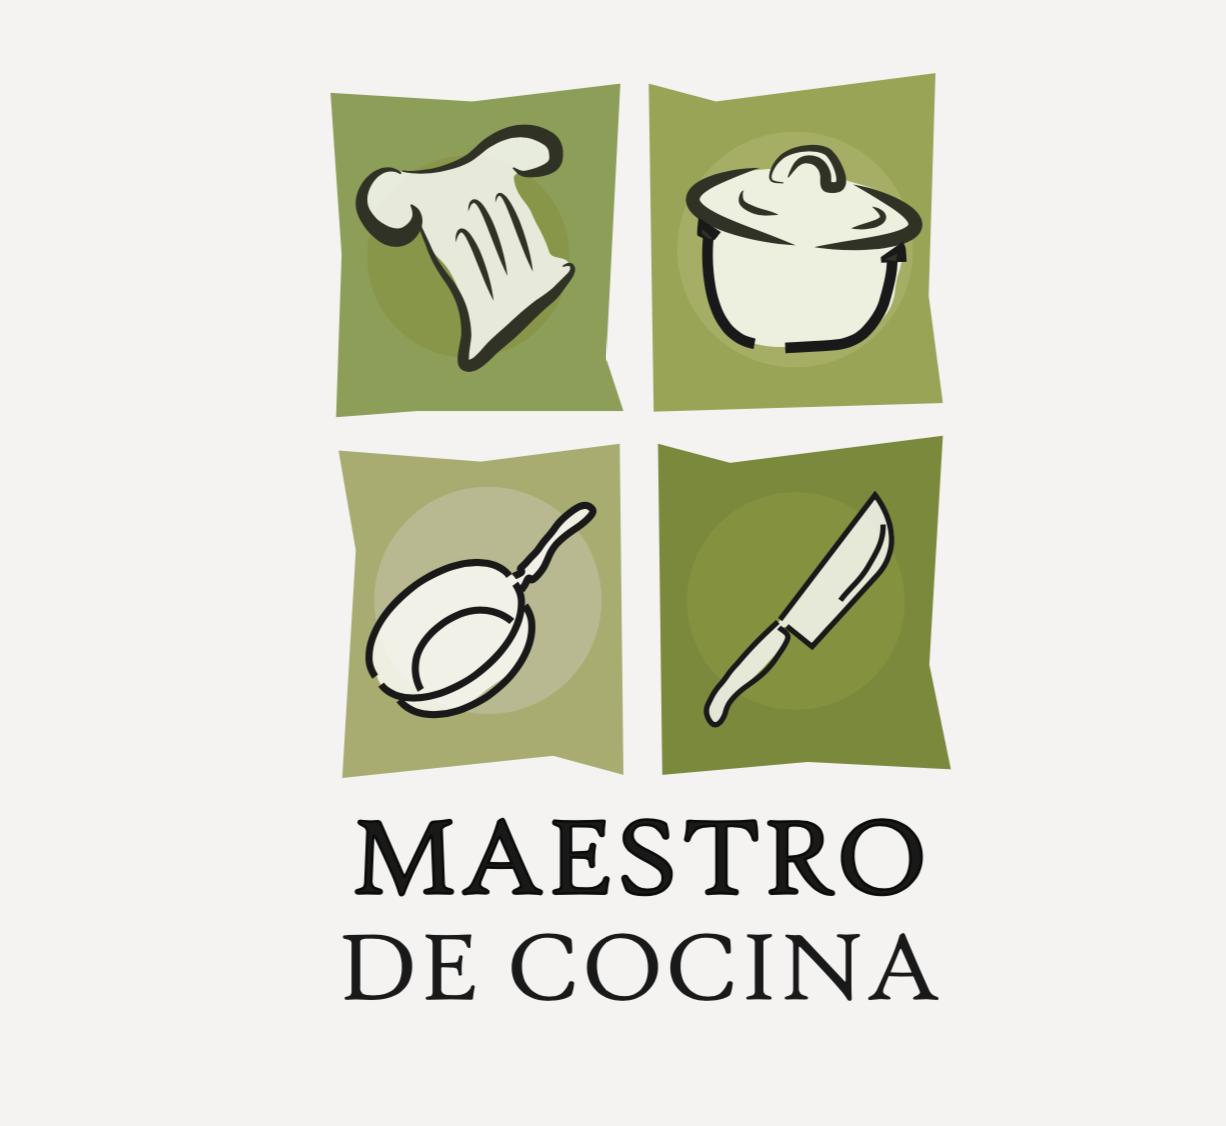 MAESTRO DE COCINA